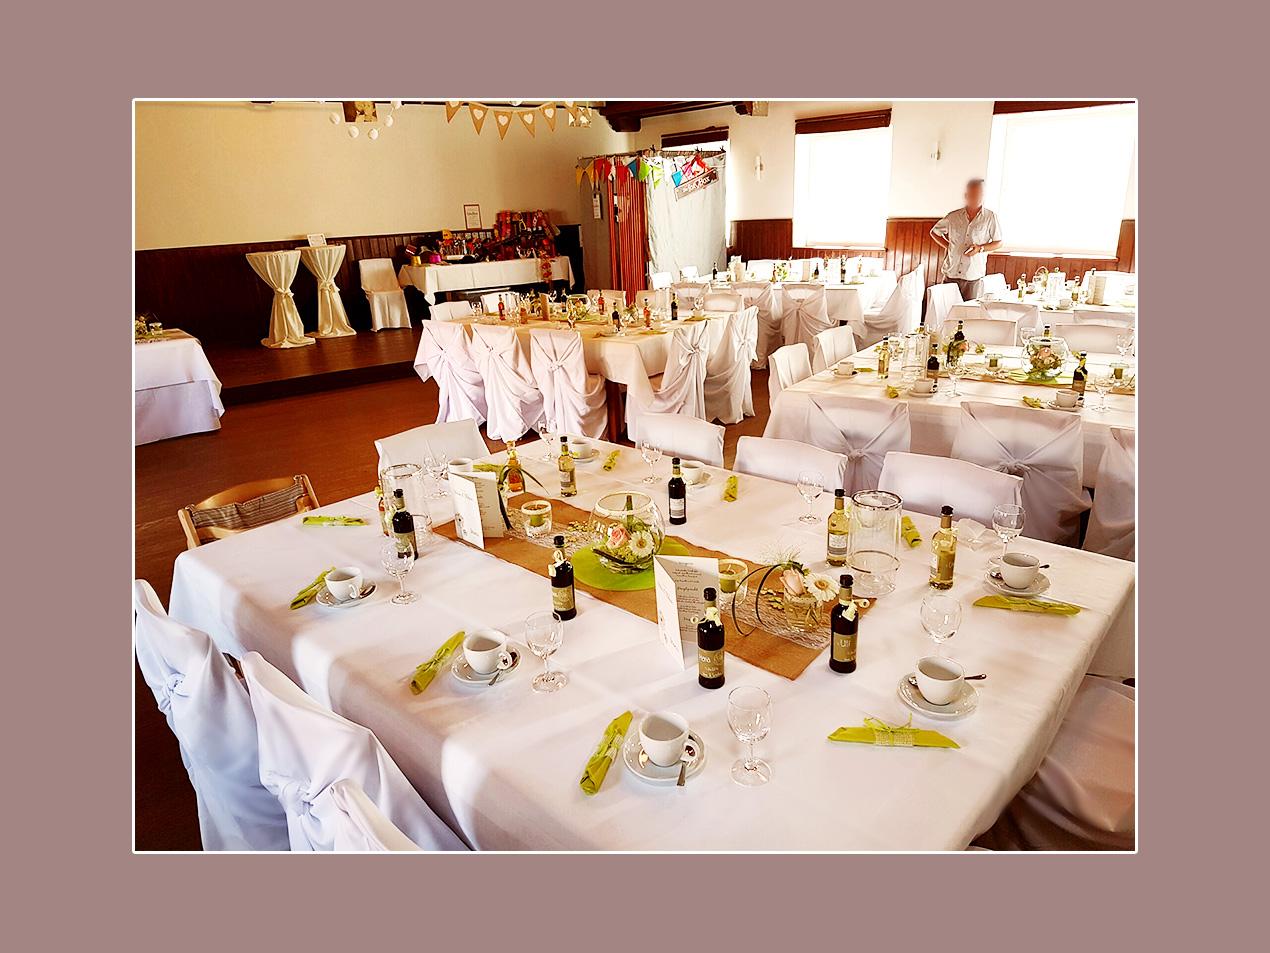 Hochzeit im Greßano Saal in Ebensfeld - Umgebung Bamberg, Coburg